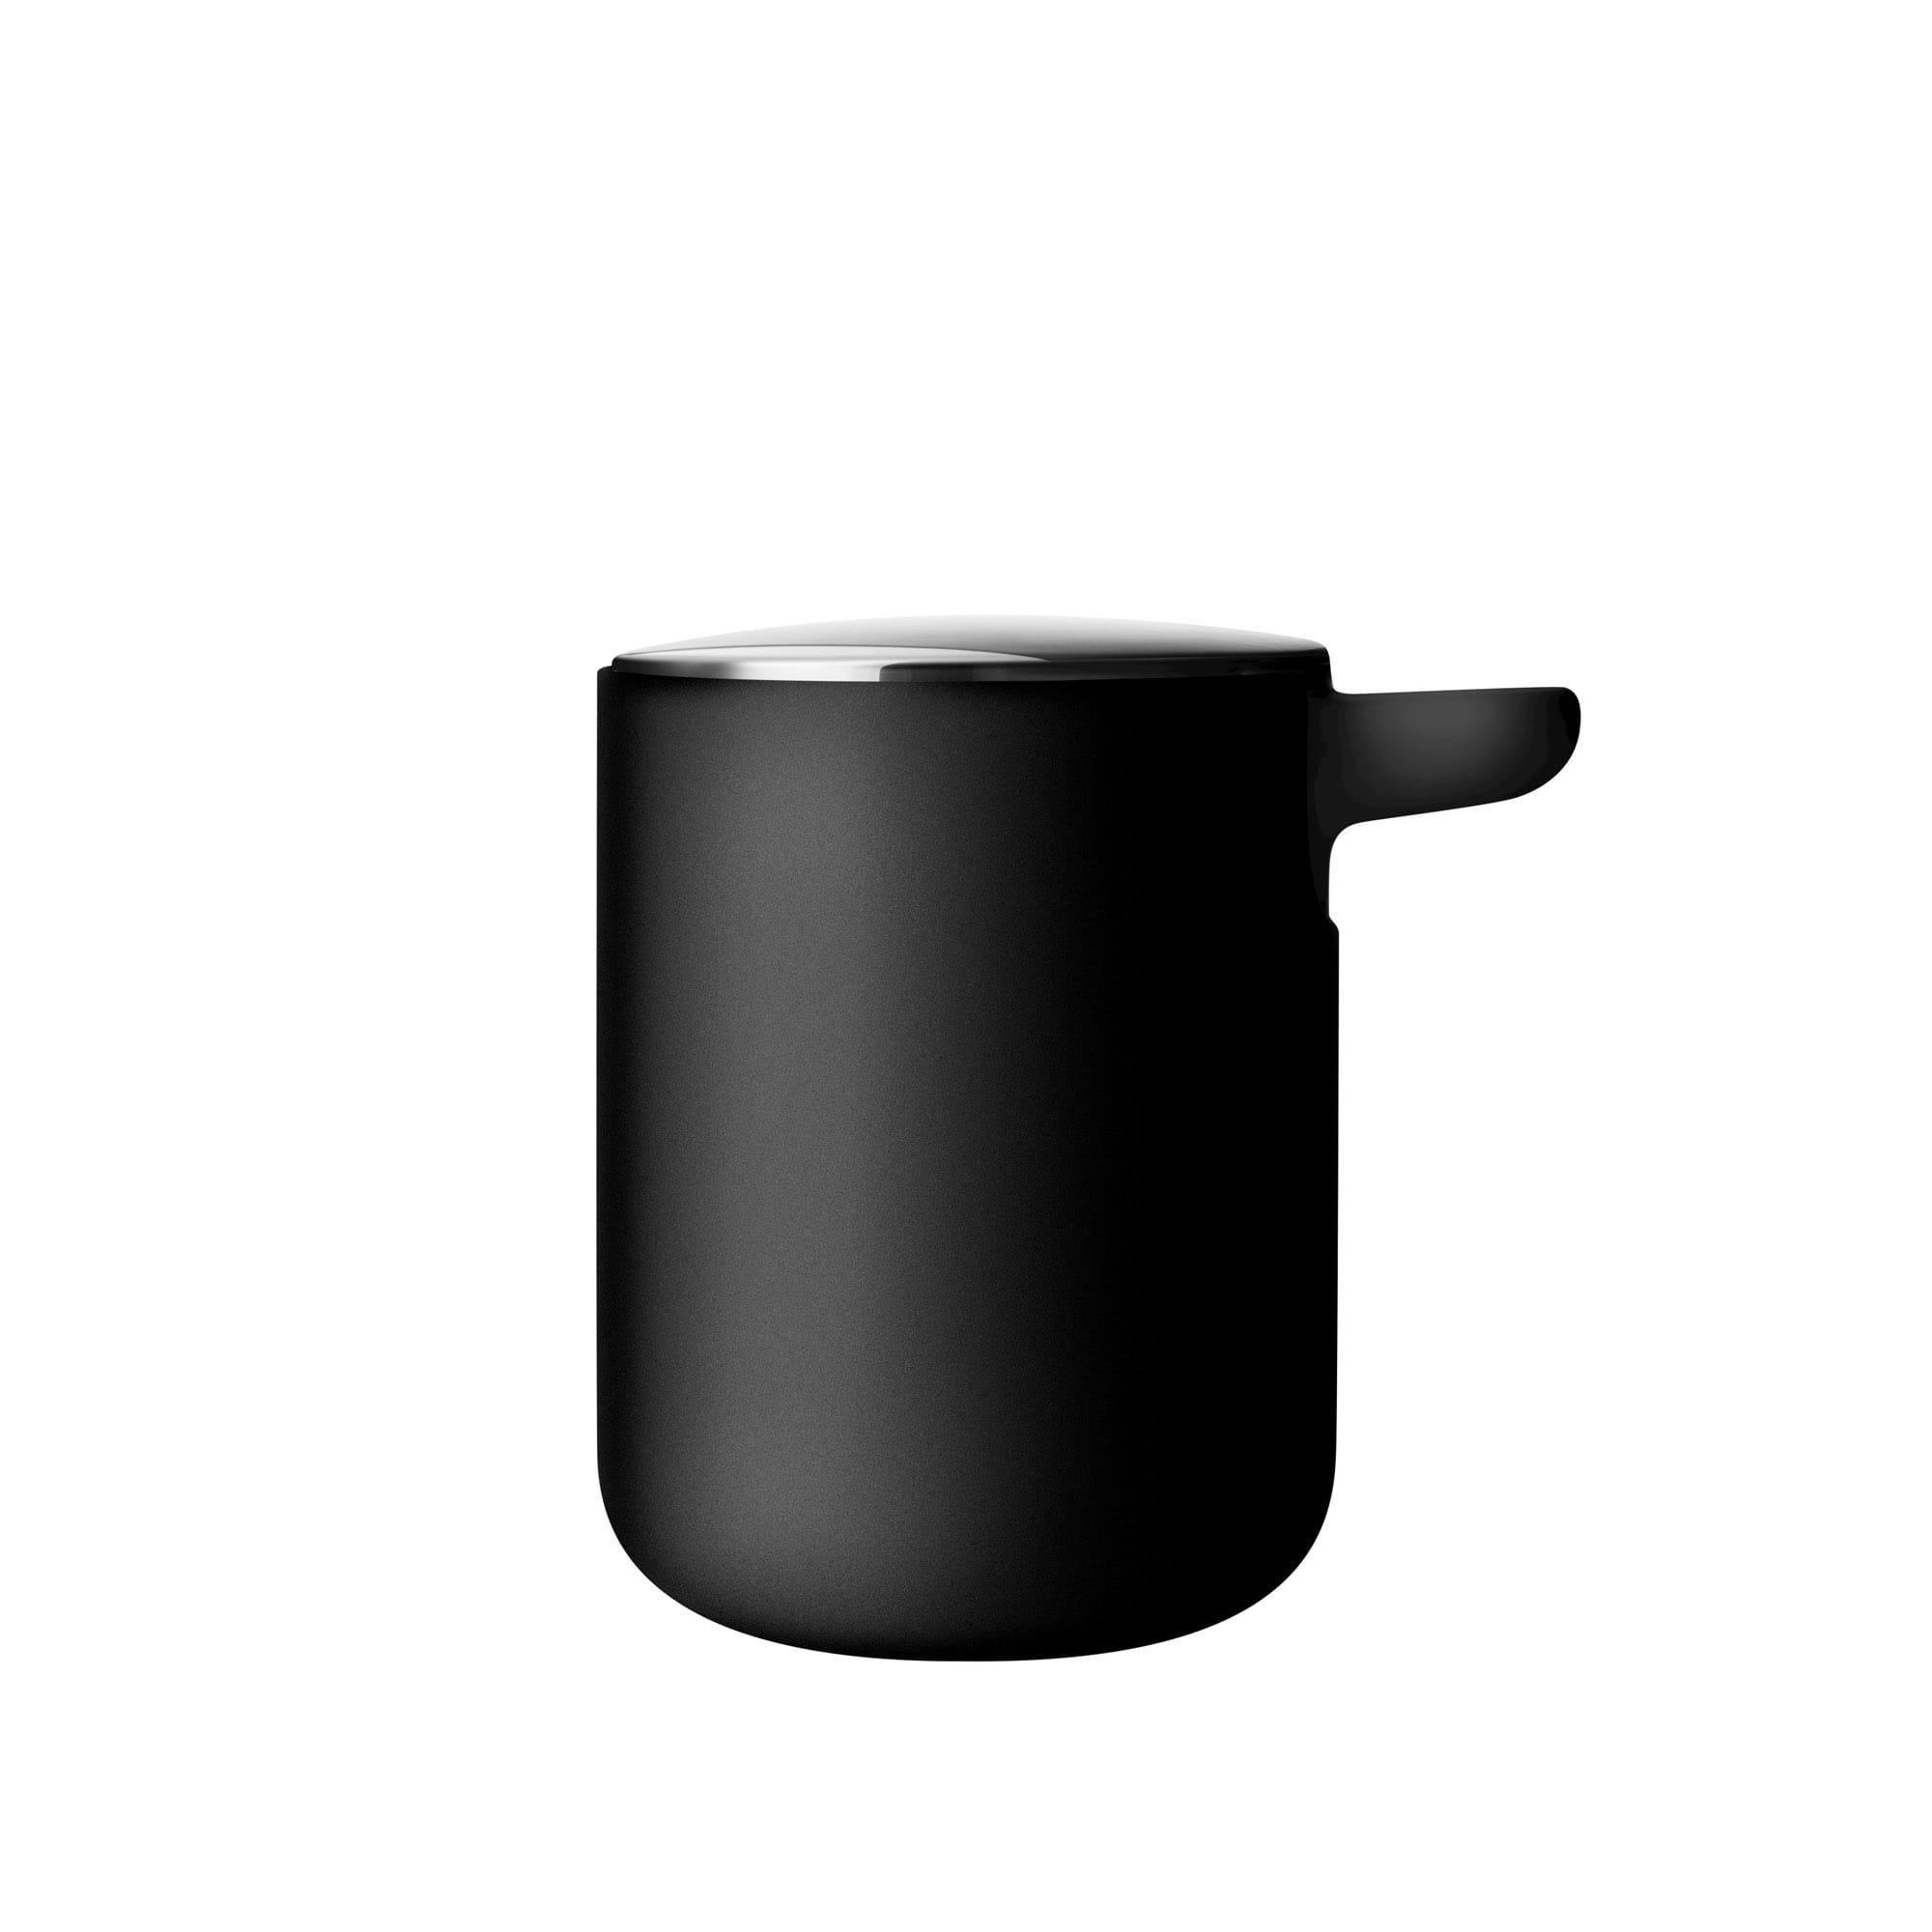 seifenspender schwarz. Black Bedroom Furniture Sets. Home Design Ideas